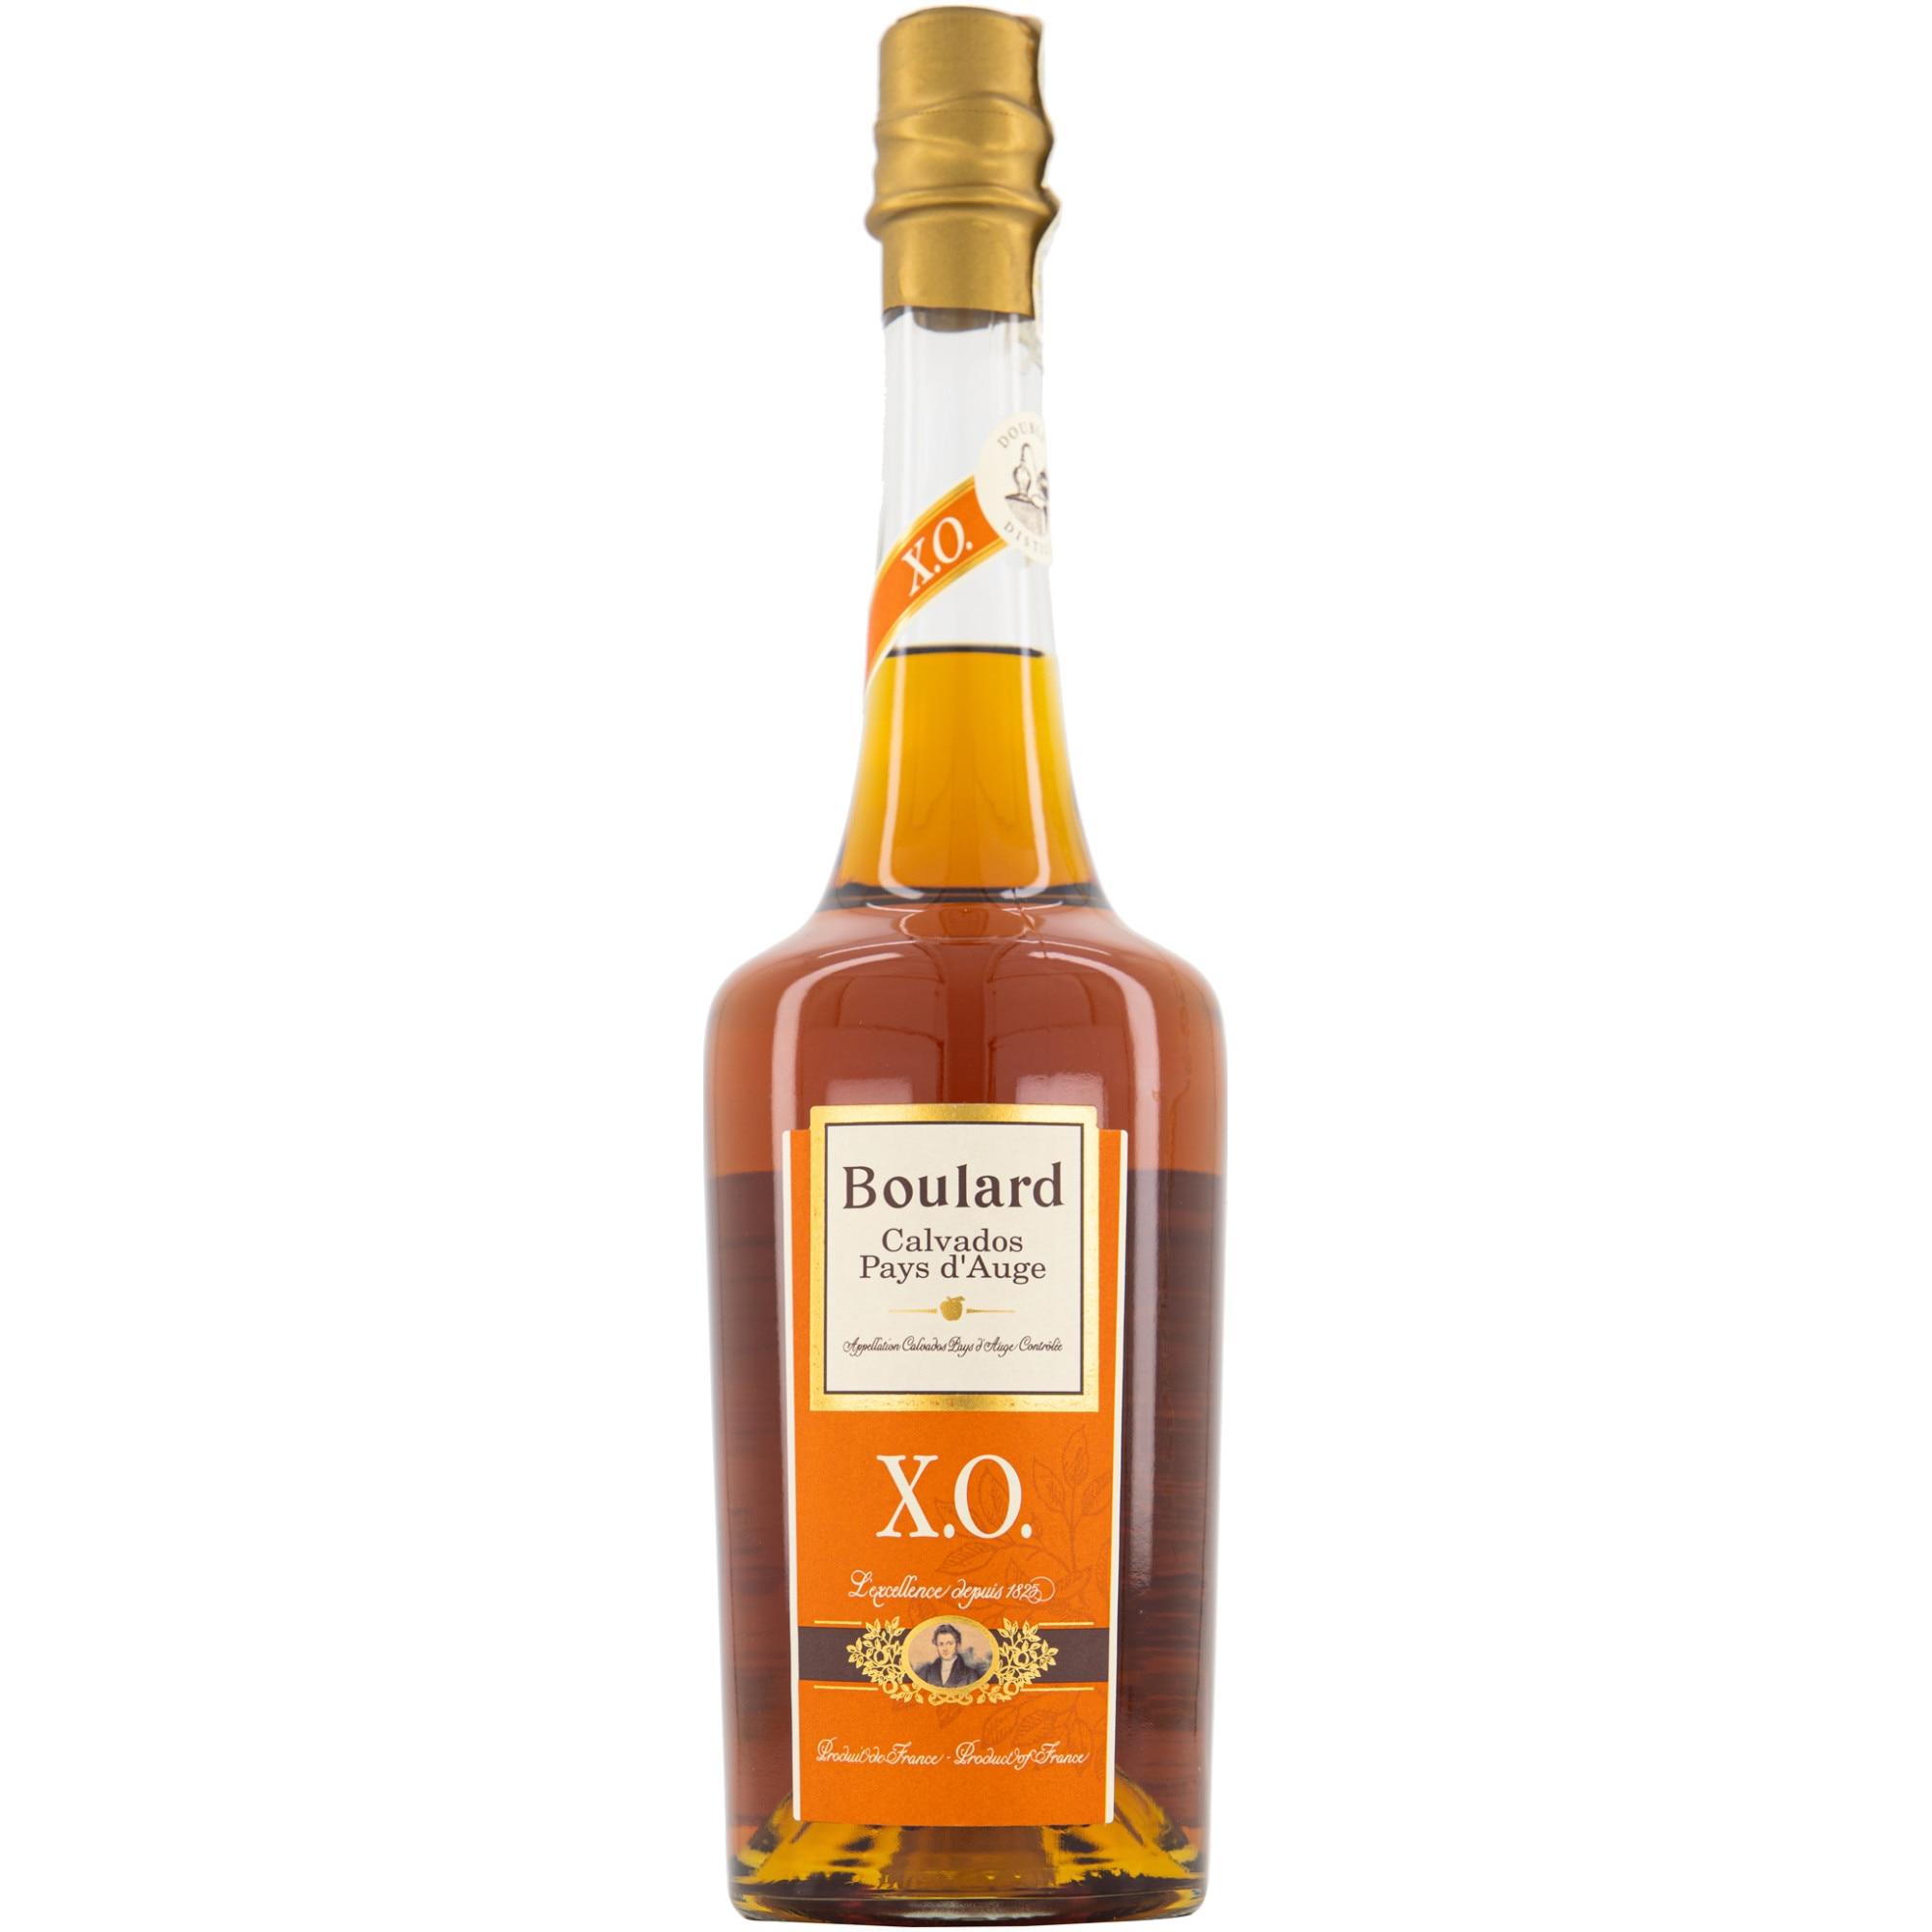 Brandy calvados boulard (calvados bulard) - caracteristici și tipuri de băutură rafinată